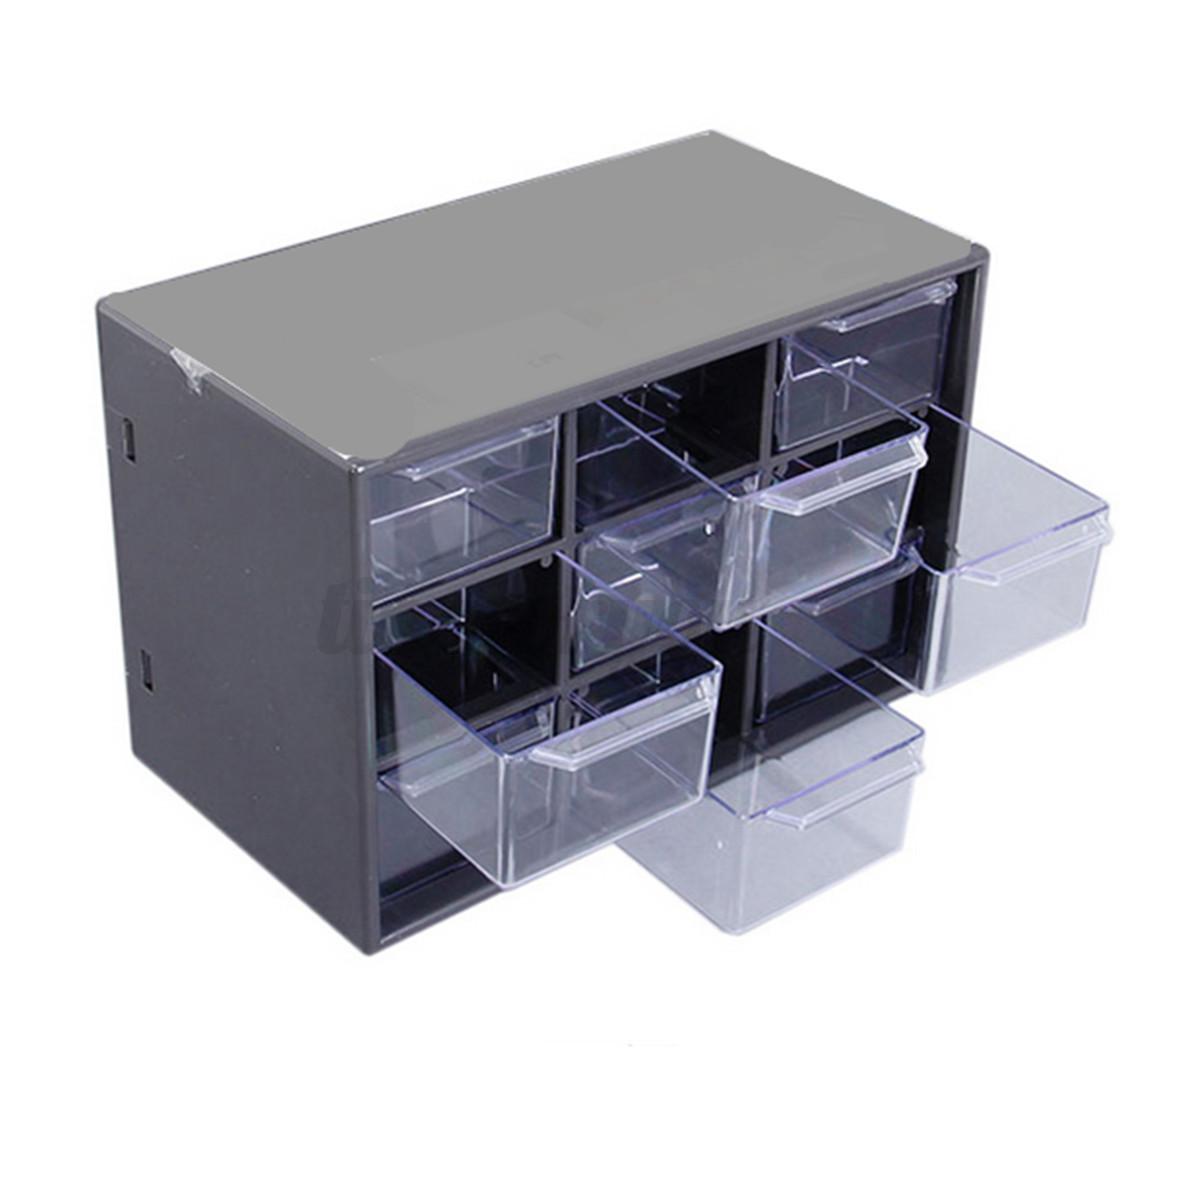 Small Portable Storage : Plastic lattice portable mini debris cabinets amall